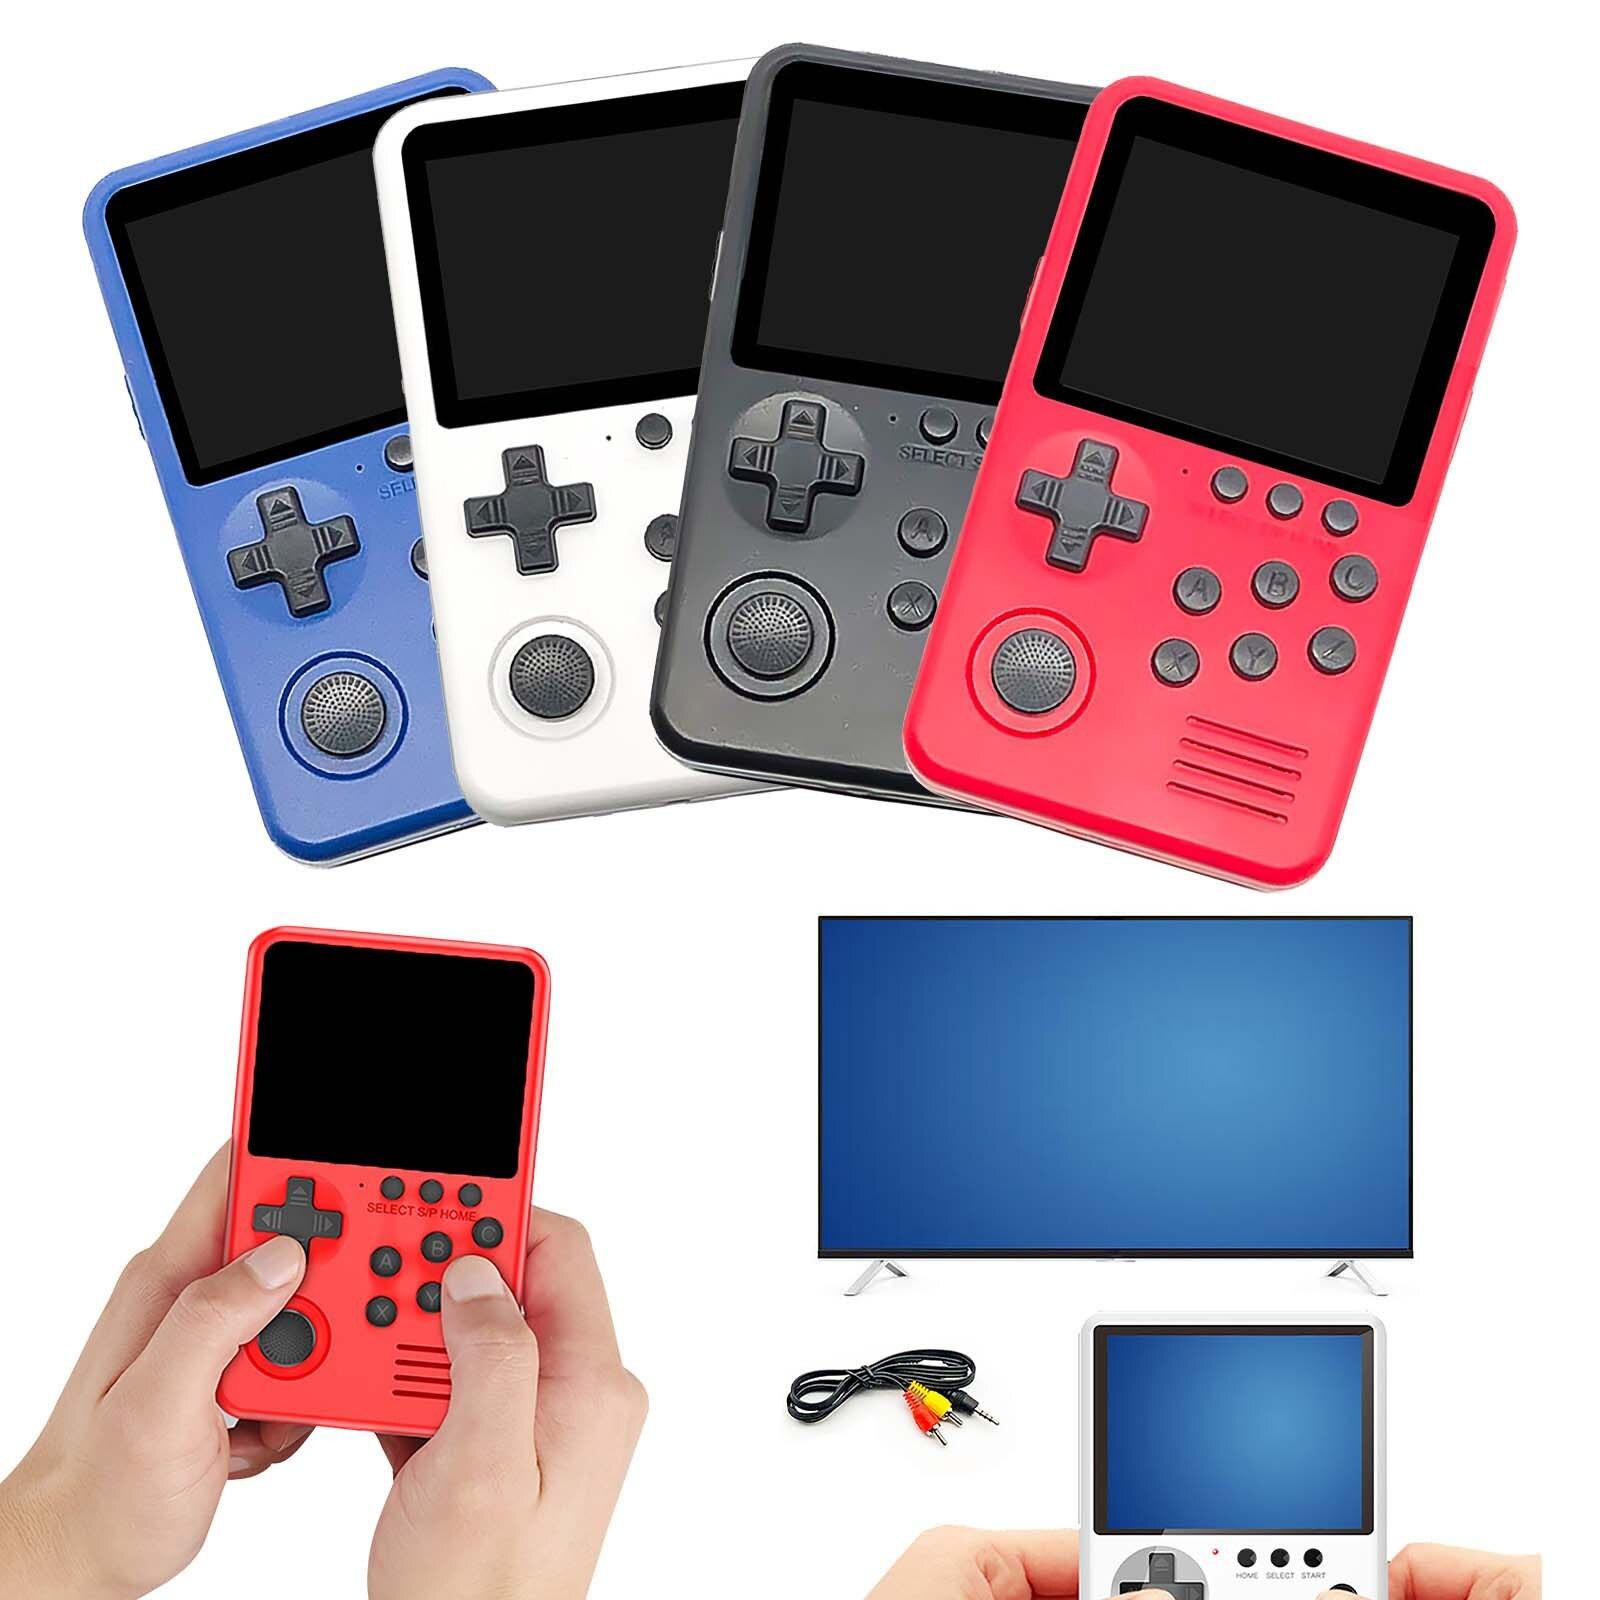 M3s Mini Handheld Spiel Spieler Gebaut-in 1500 + Spiele 16 Bit Retro Smart Video Spielkonsole Mit 4g Tf Karte Für Kinder Geschenk #4